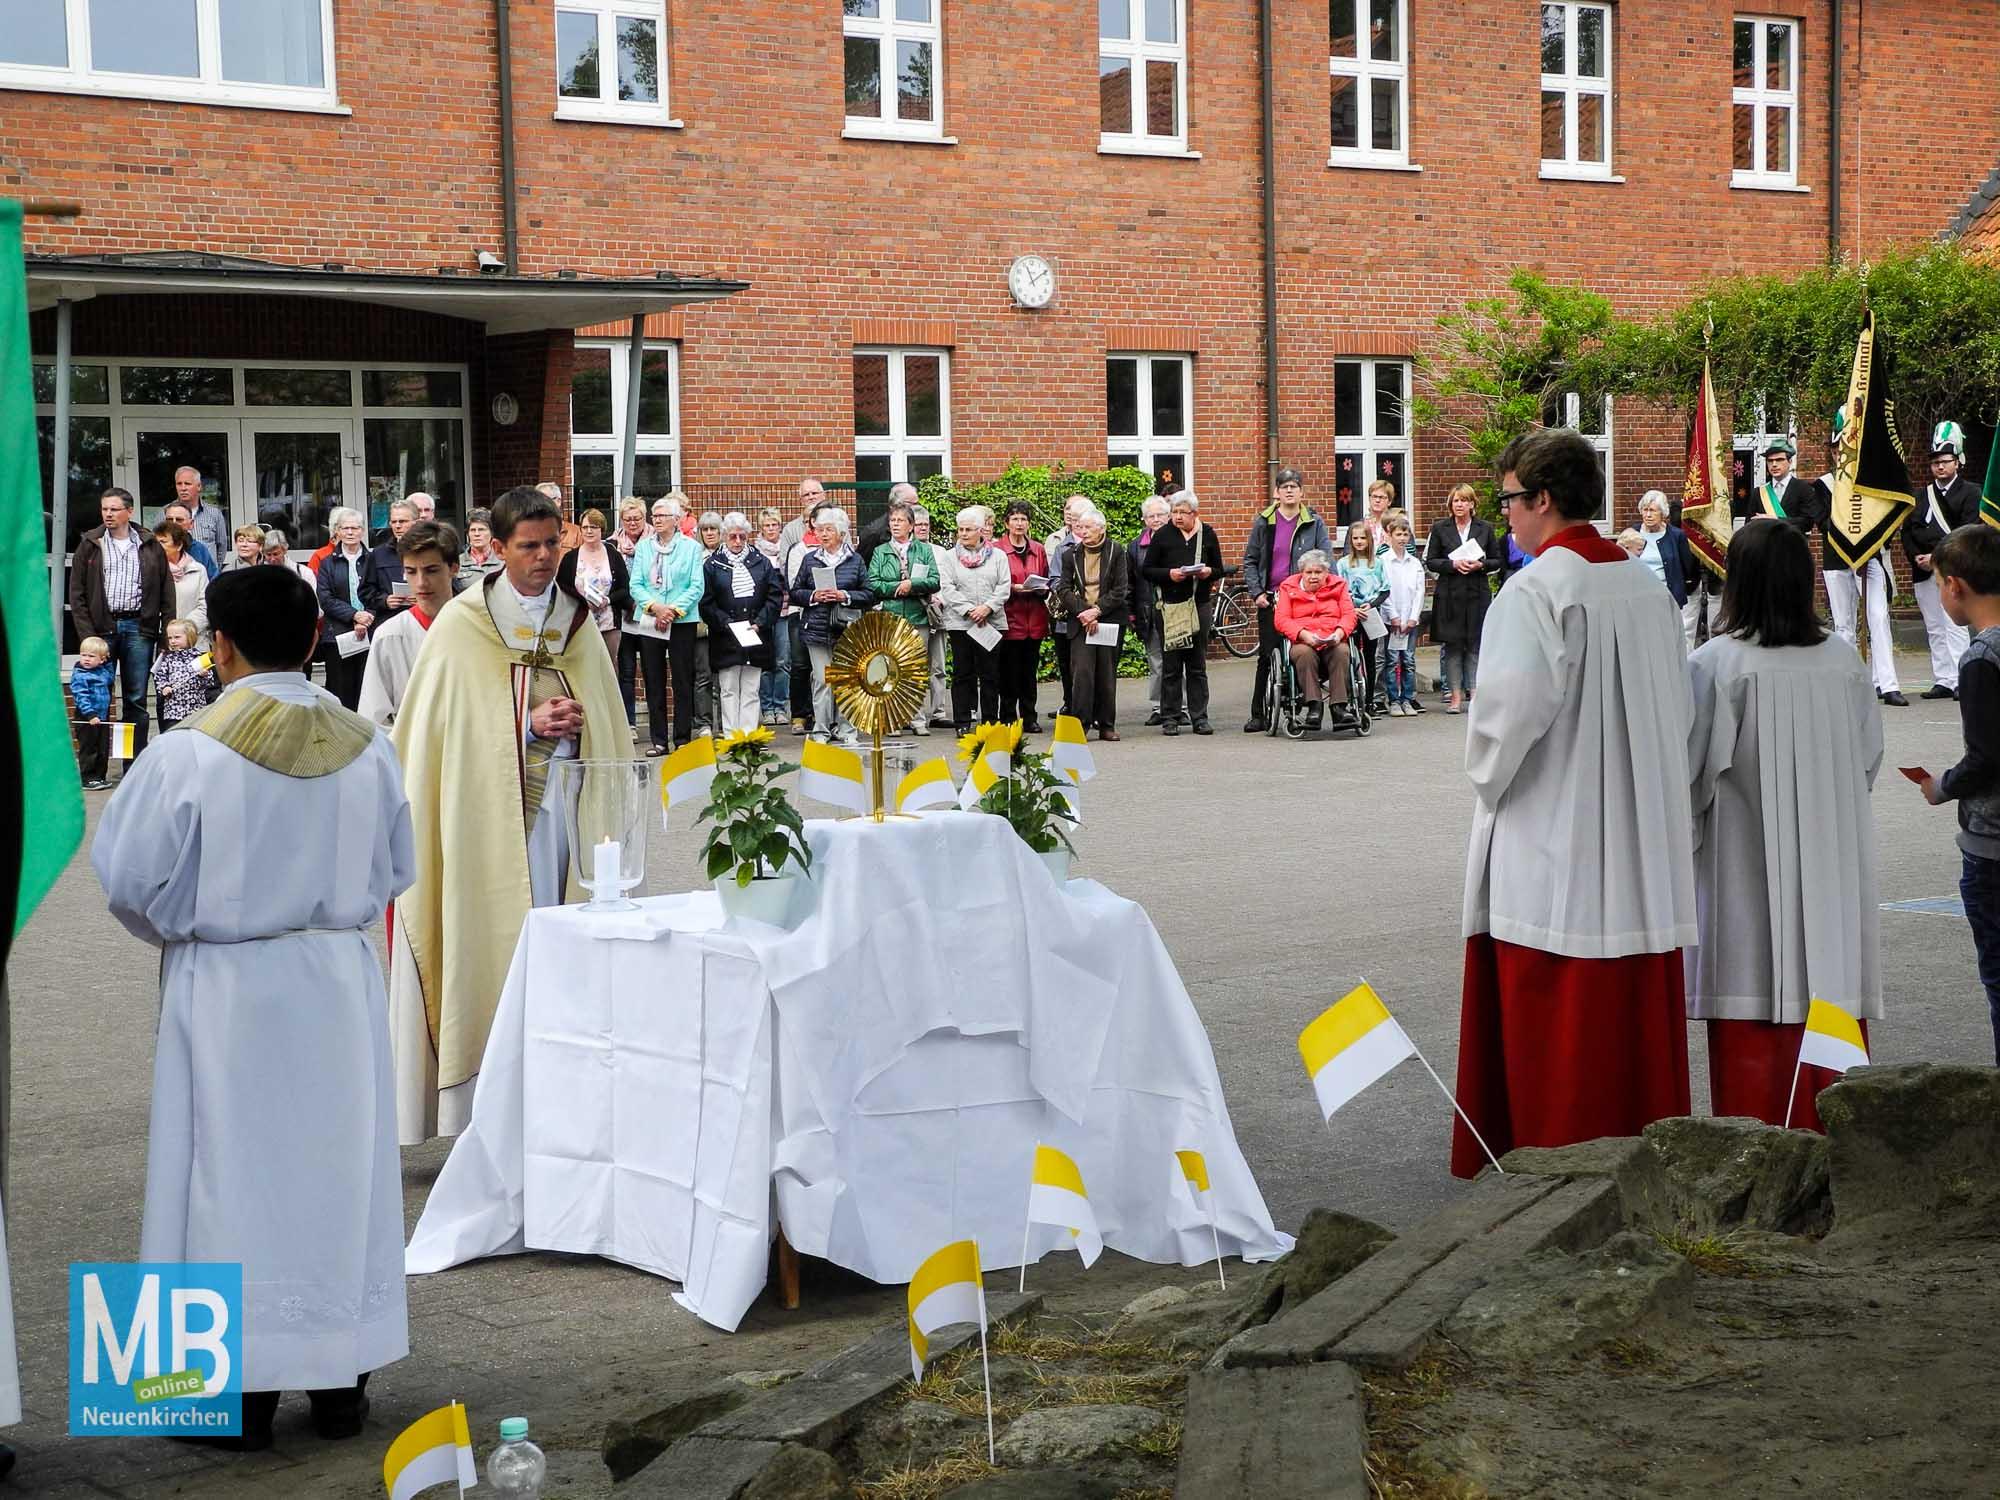 Auf dem Schulplatz der Josefschule ist der vierte Segensaltar aufgebaut.